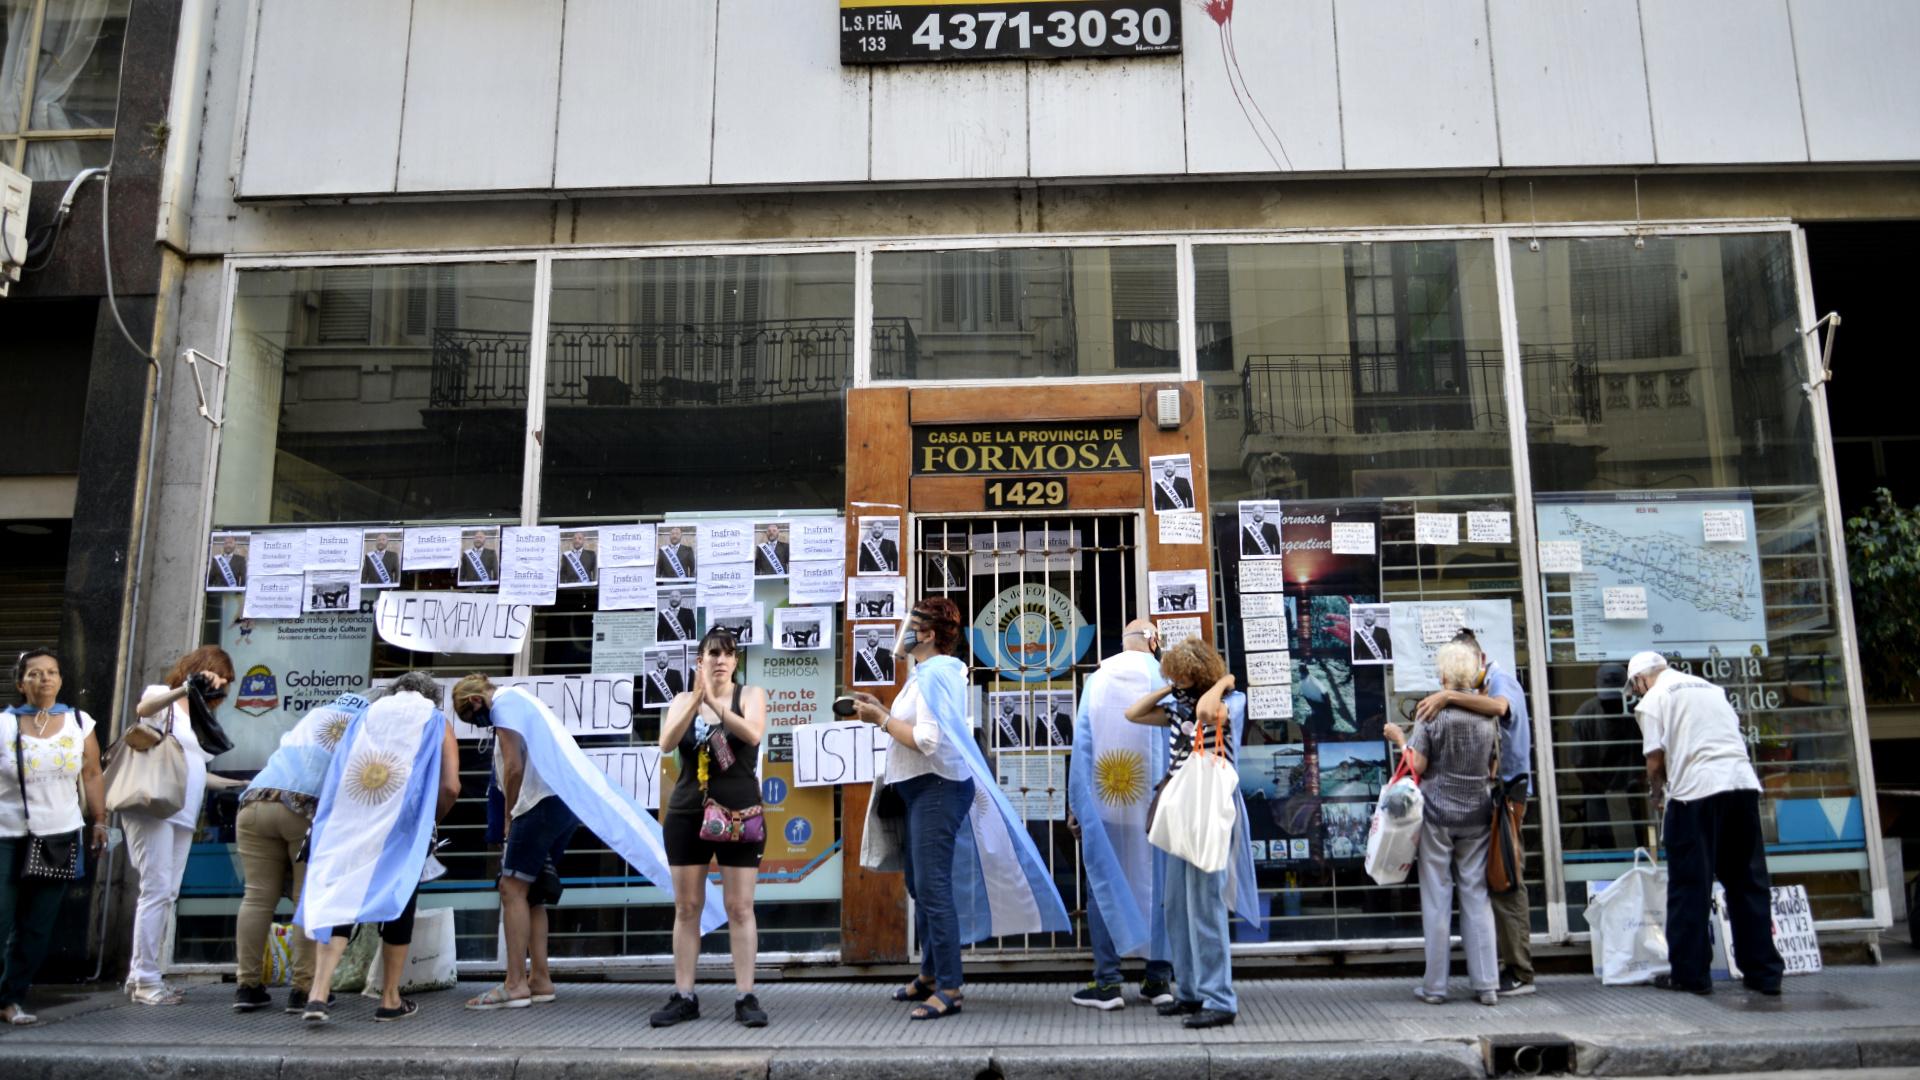 """Fuerte mensaje de la oposición al gobierno por la situación en Formosa: """"No confundan barbijo con bozal"""""""